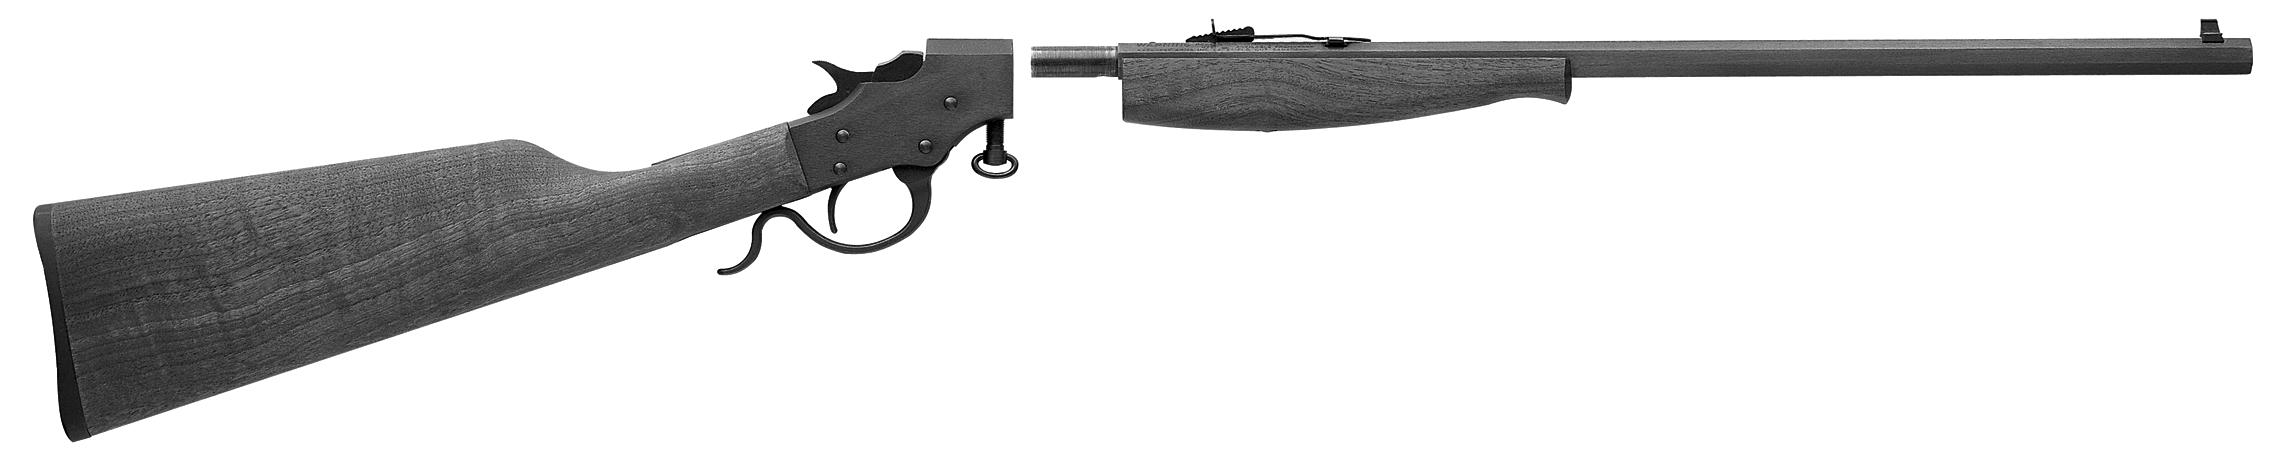 Model 30G